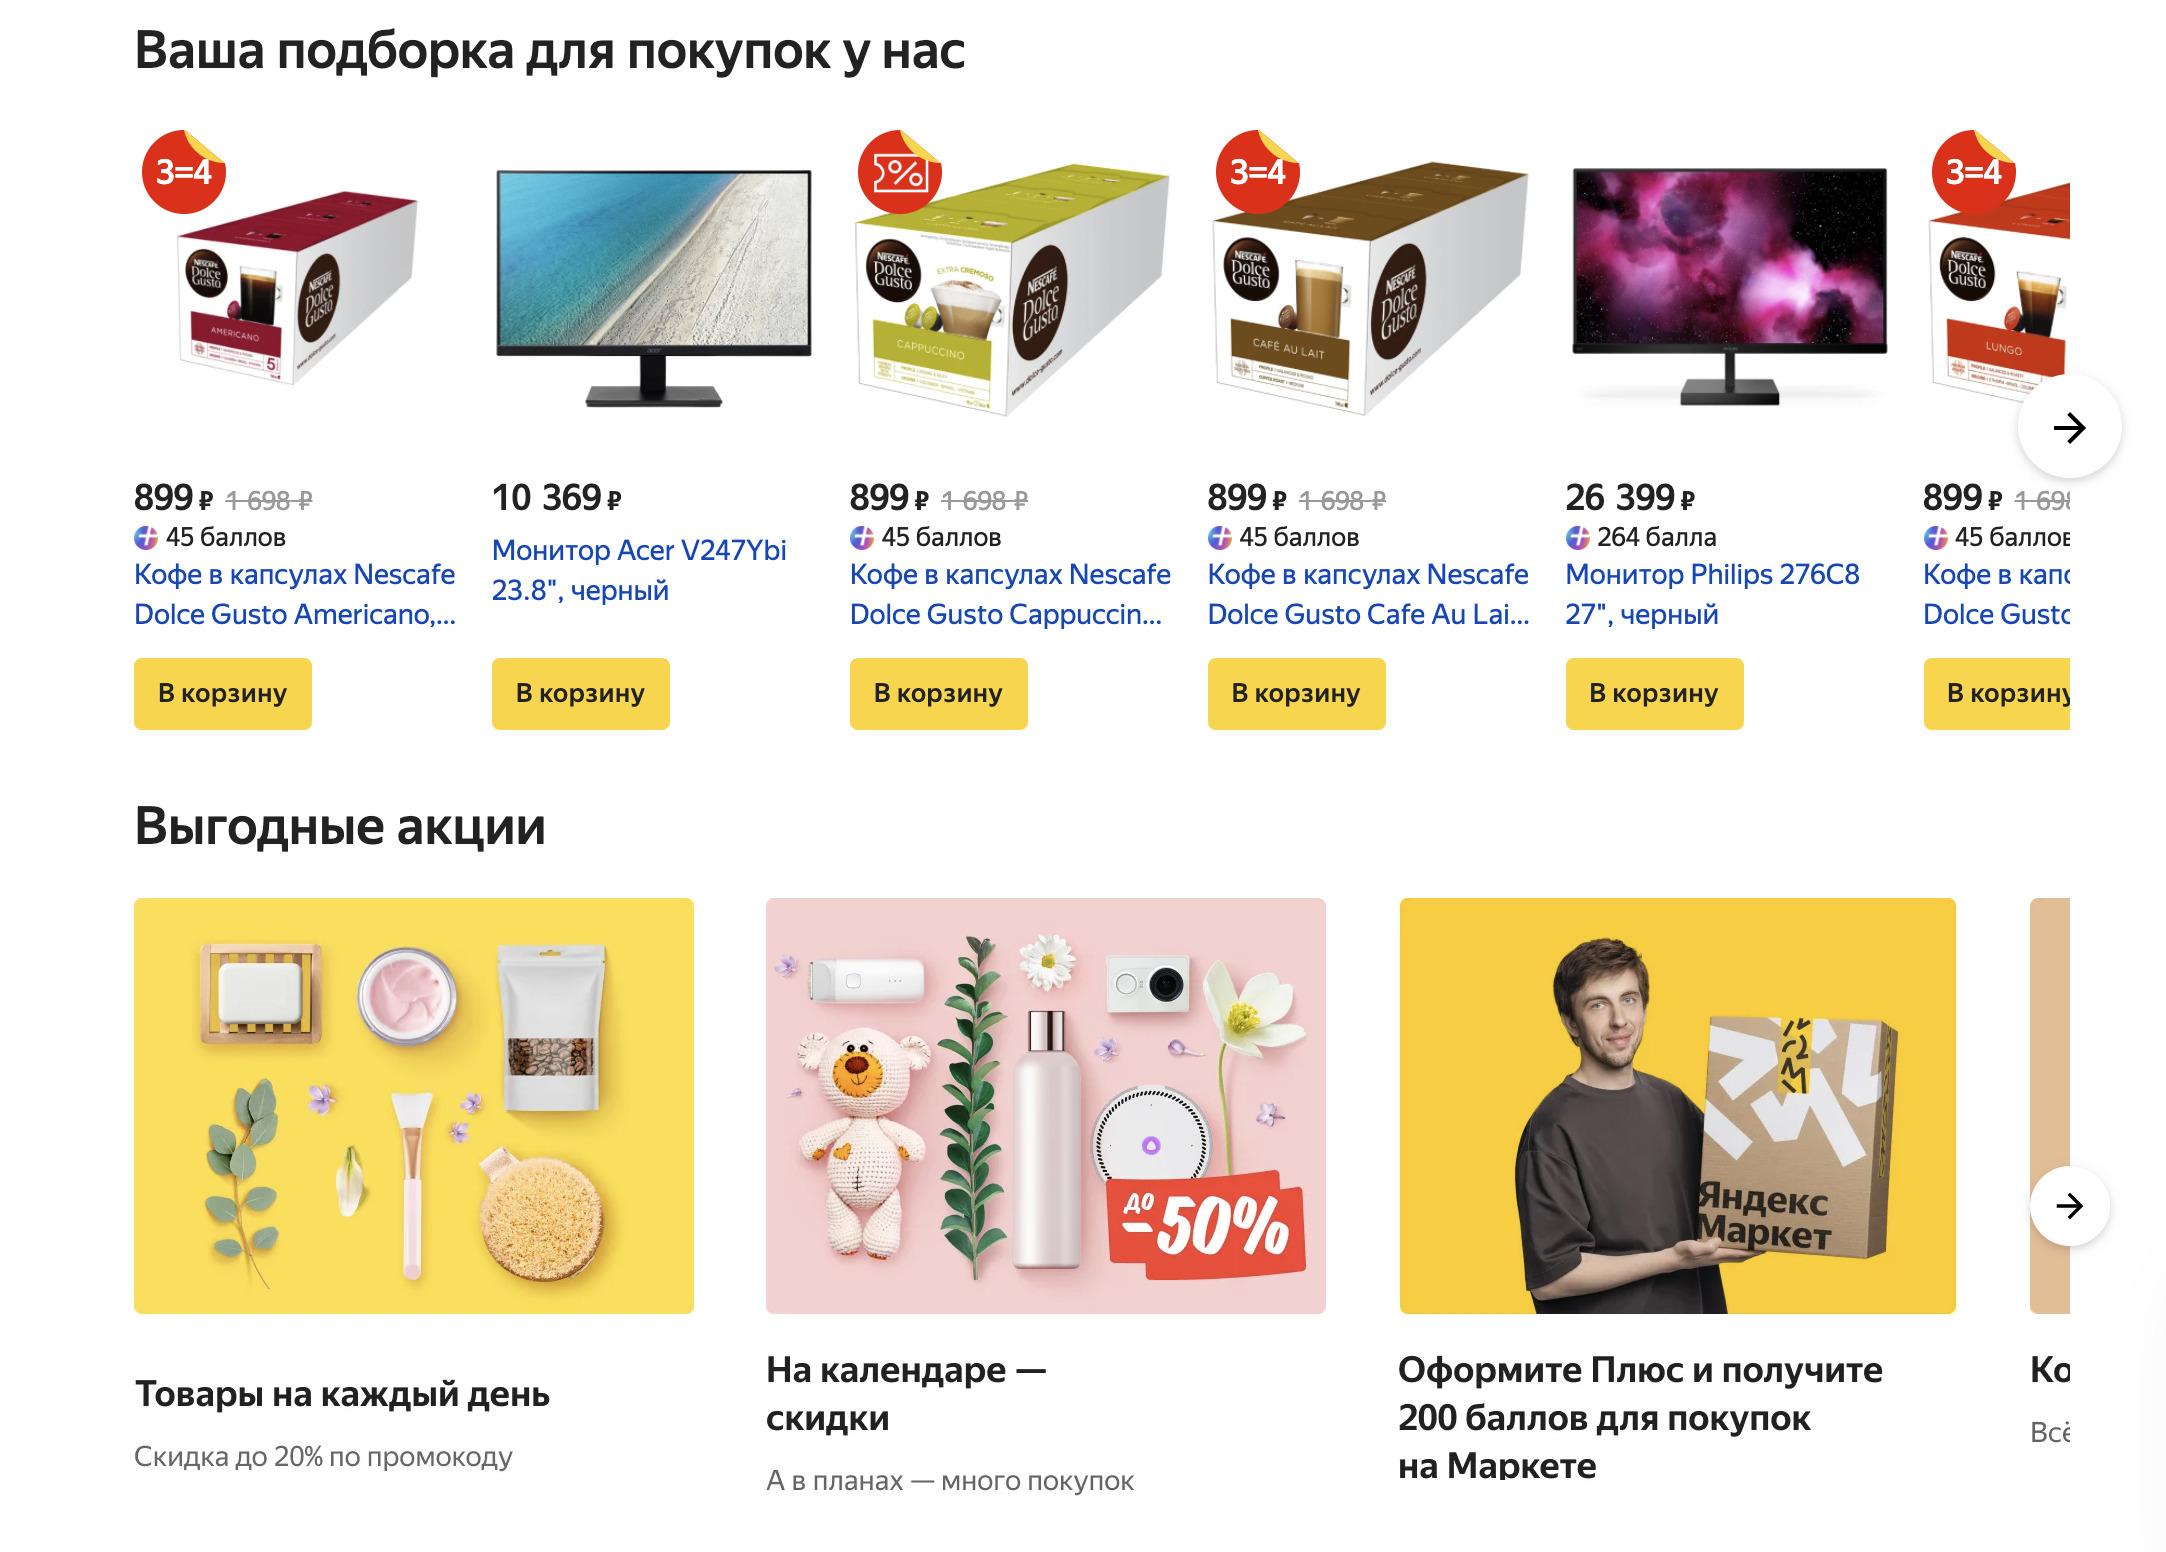 Доставка из Яндекс.Маркет в Ивановскую область, сроки, пункты выдачи, каталог